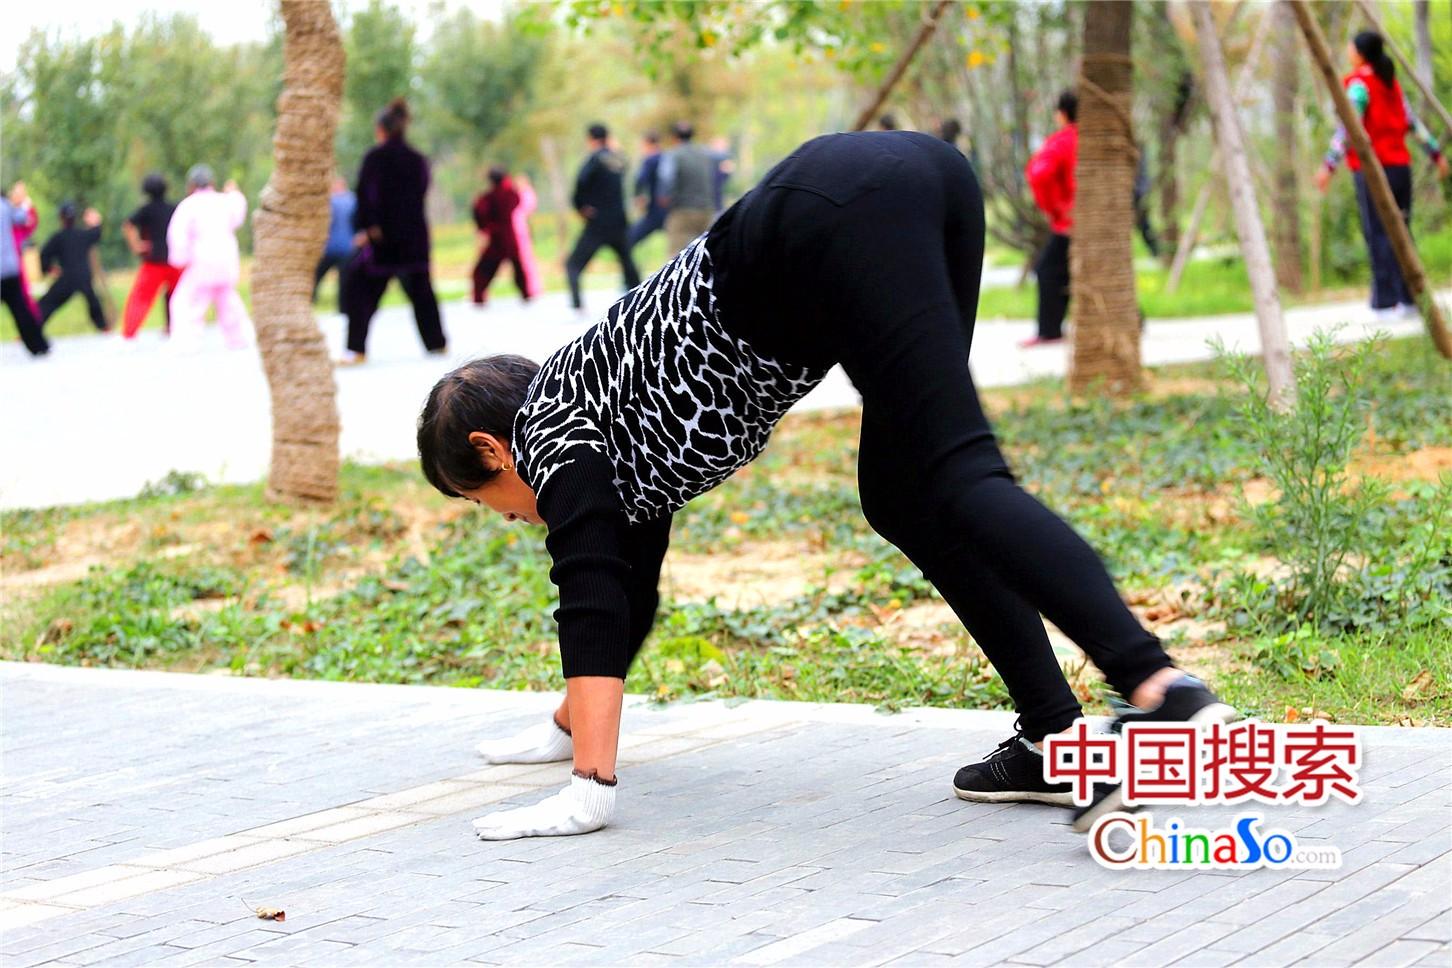 郑州市民公园爬行晨练引热议